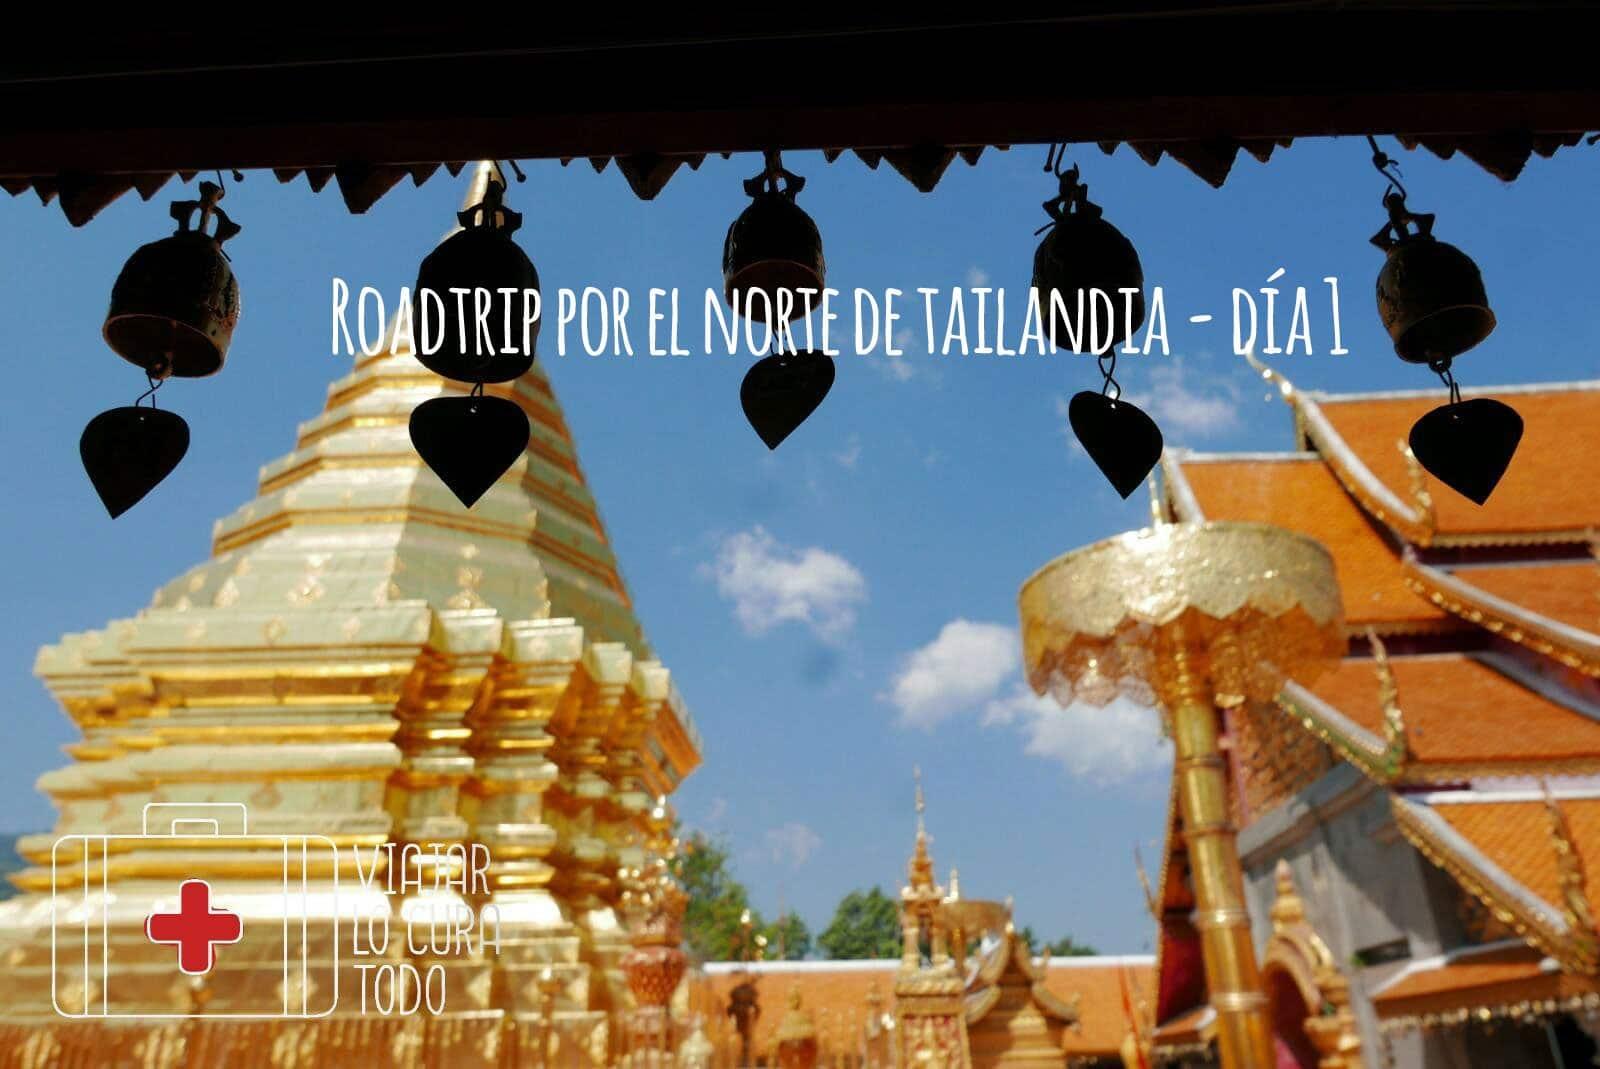 Roadtrip por el norte de Tailandia - día 1